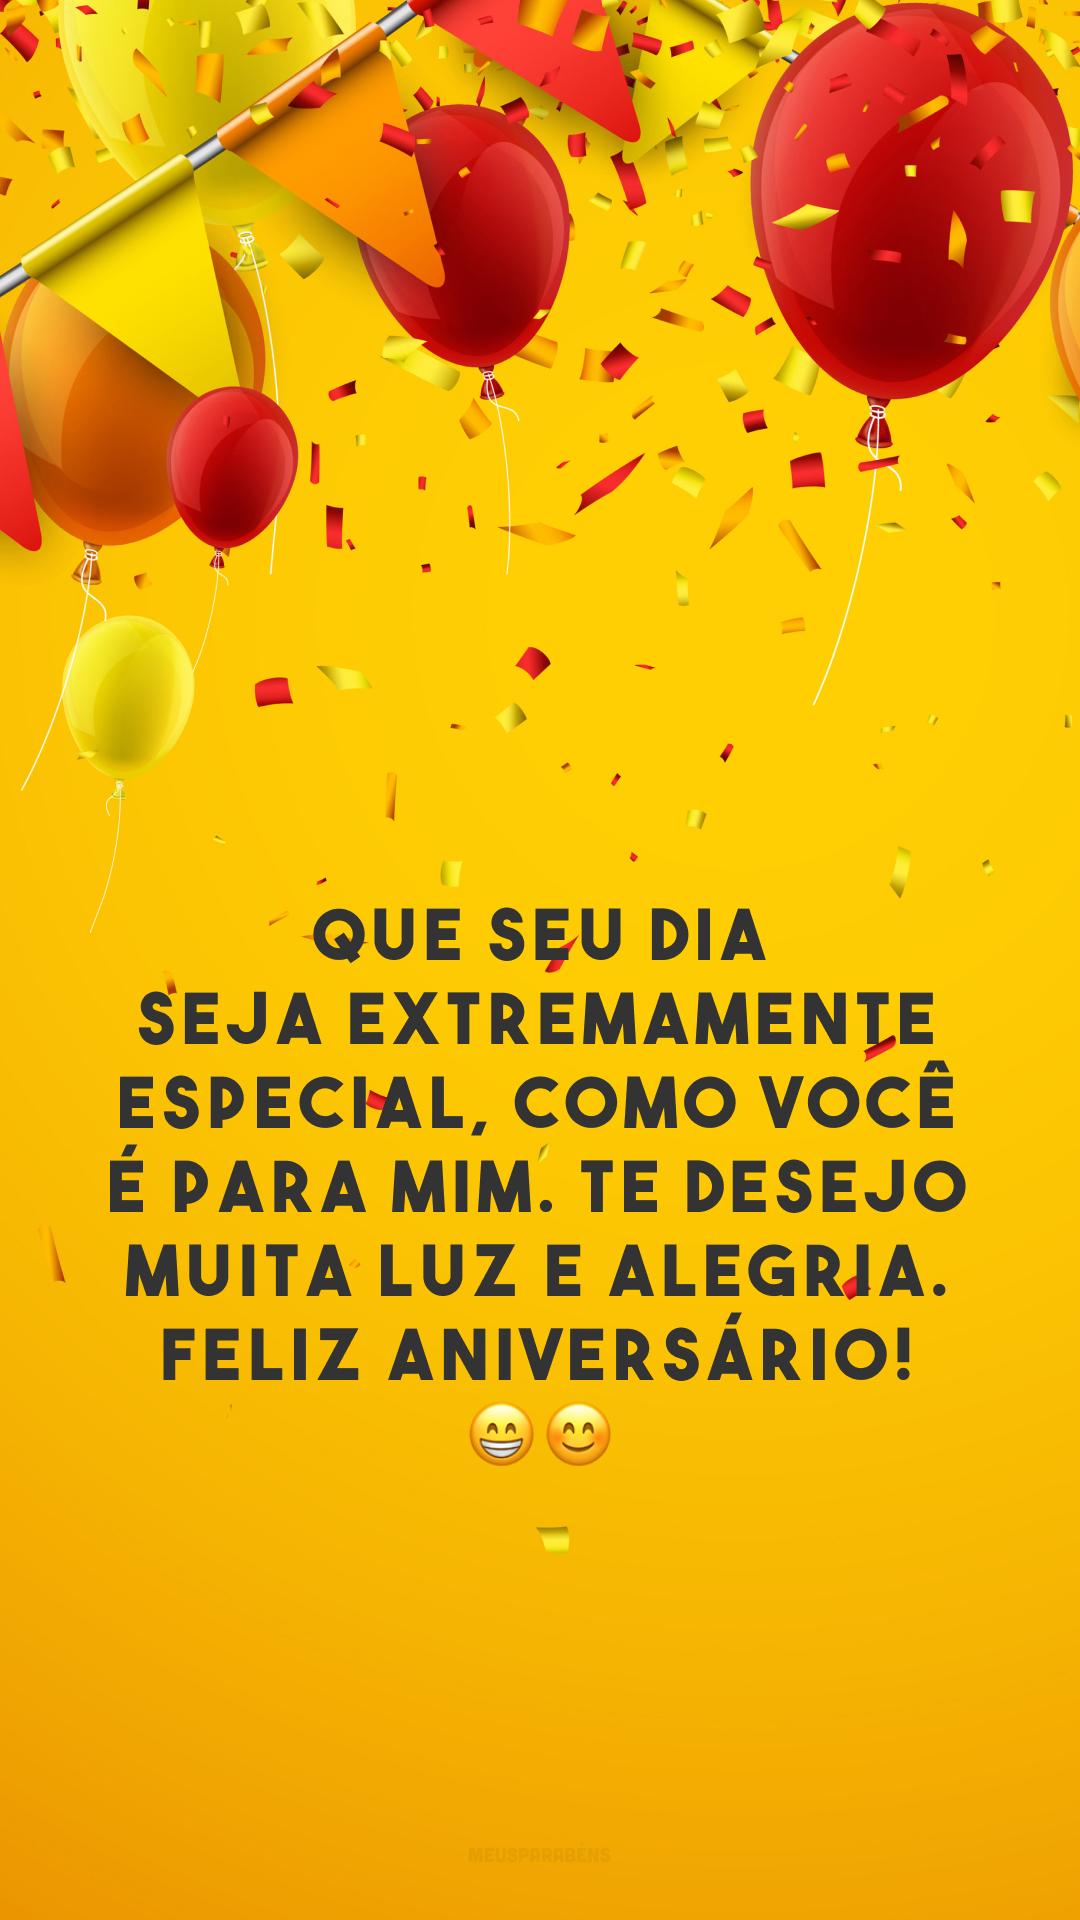 Que seu dia seja extremamente especial, como você é para mim. Te desejo muita luz e alegria. Feliz aniversário! 😁😊